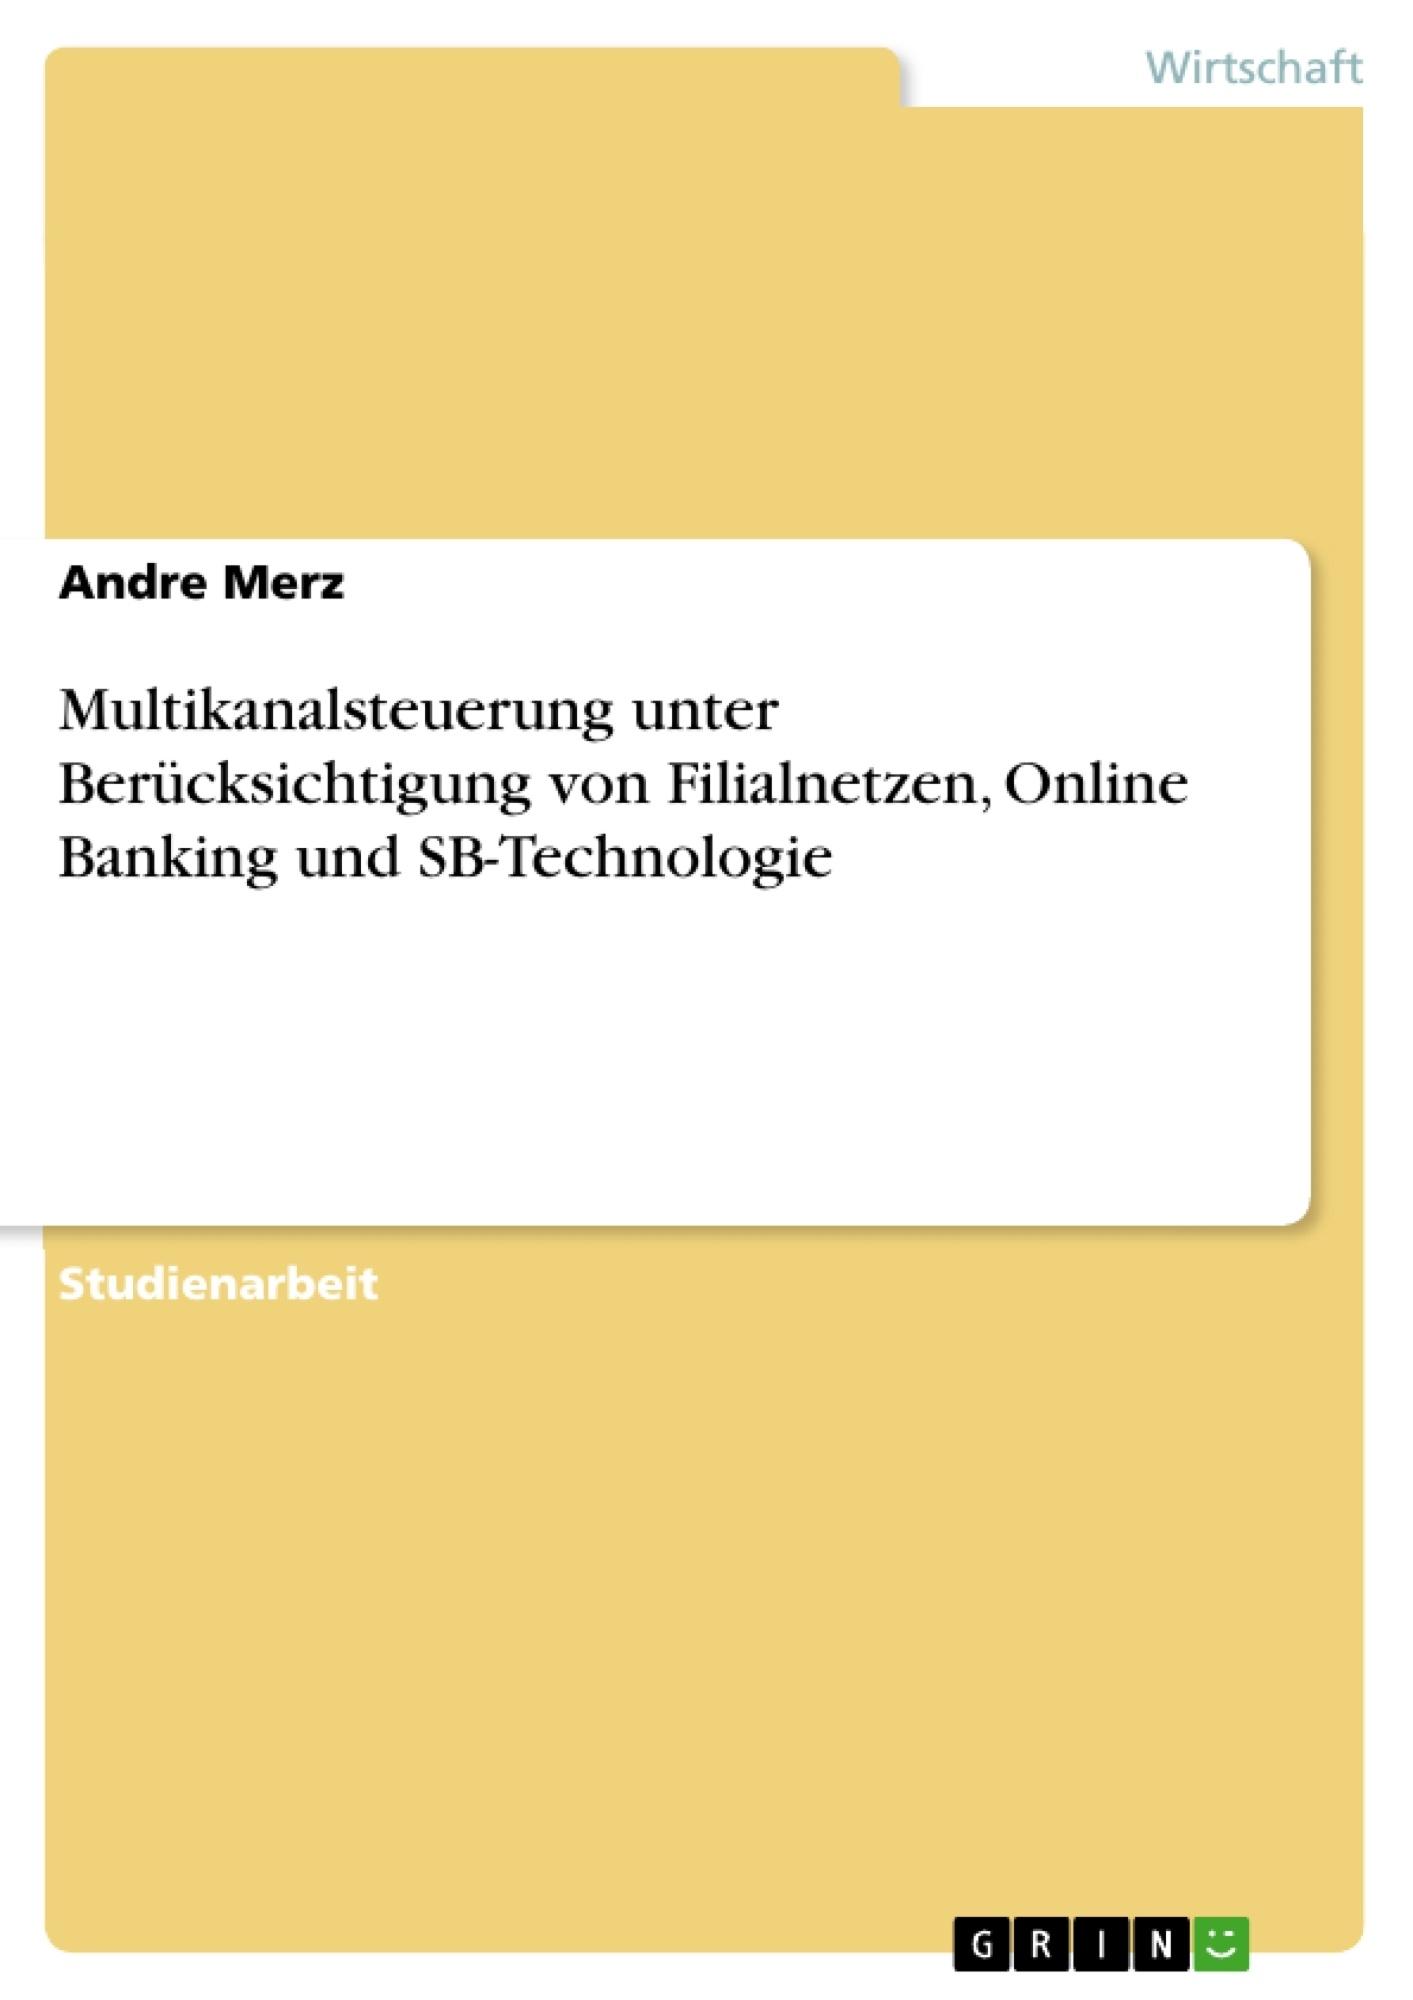 Titel: Multikanalsteuerung unter Berücksichtigung von Filialnetzen, Online Banking und SB-Technologie